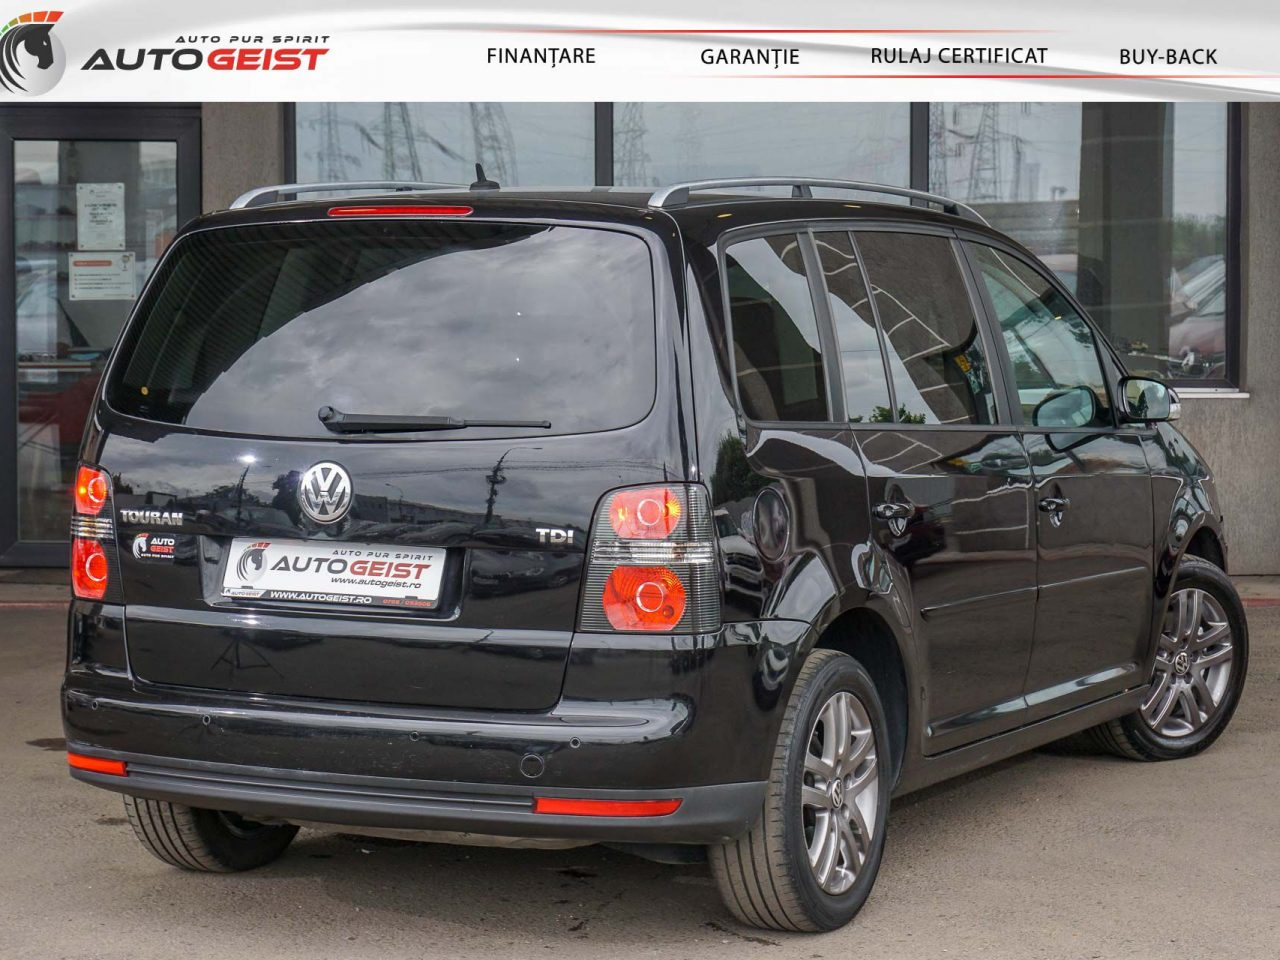 658-volkswagen-touran-mt-01340